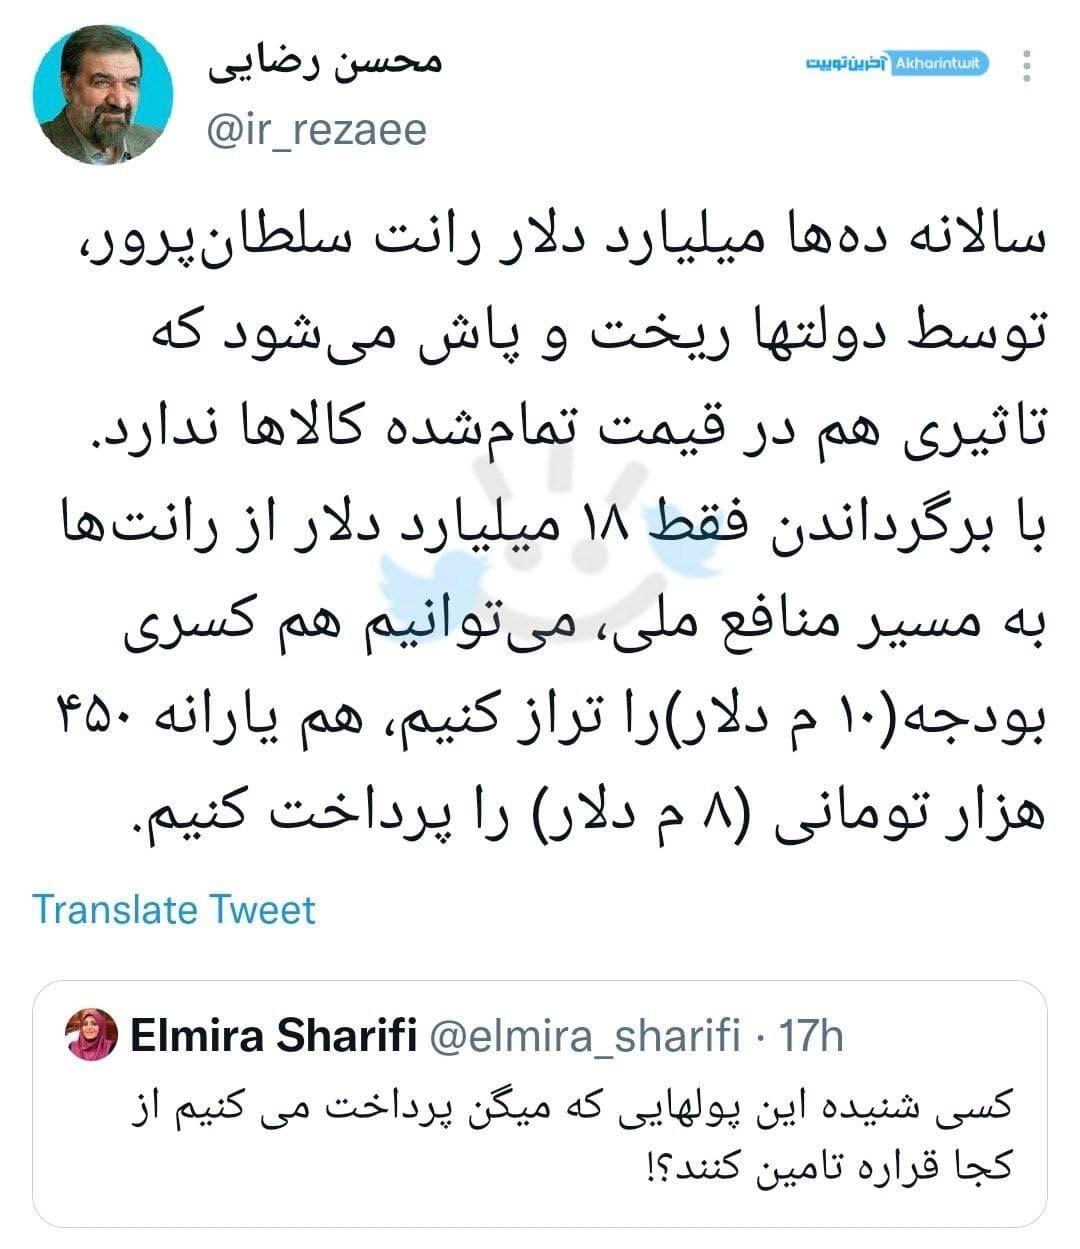 گم شدن نیازهای حیاتی مردم ایران در انبوه شعارهای انتخاباتی/ چرا نامزدهای انتخابات ریاست جمهوری بیشتر از اقتصاد میگویند؟